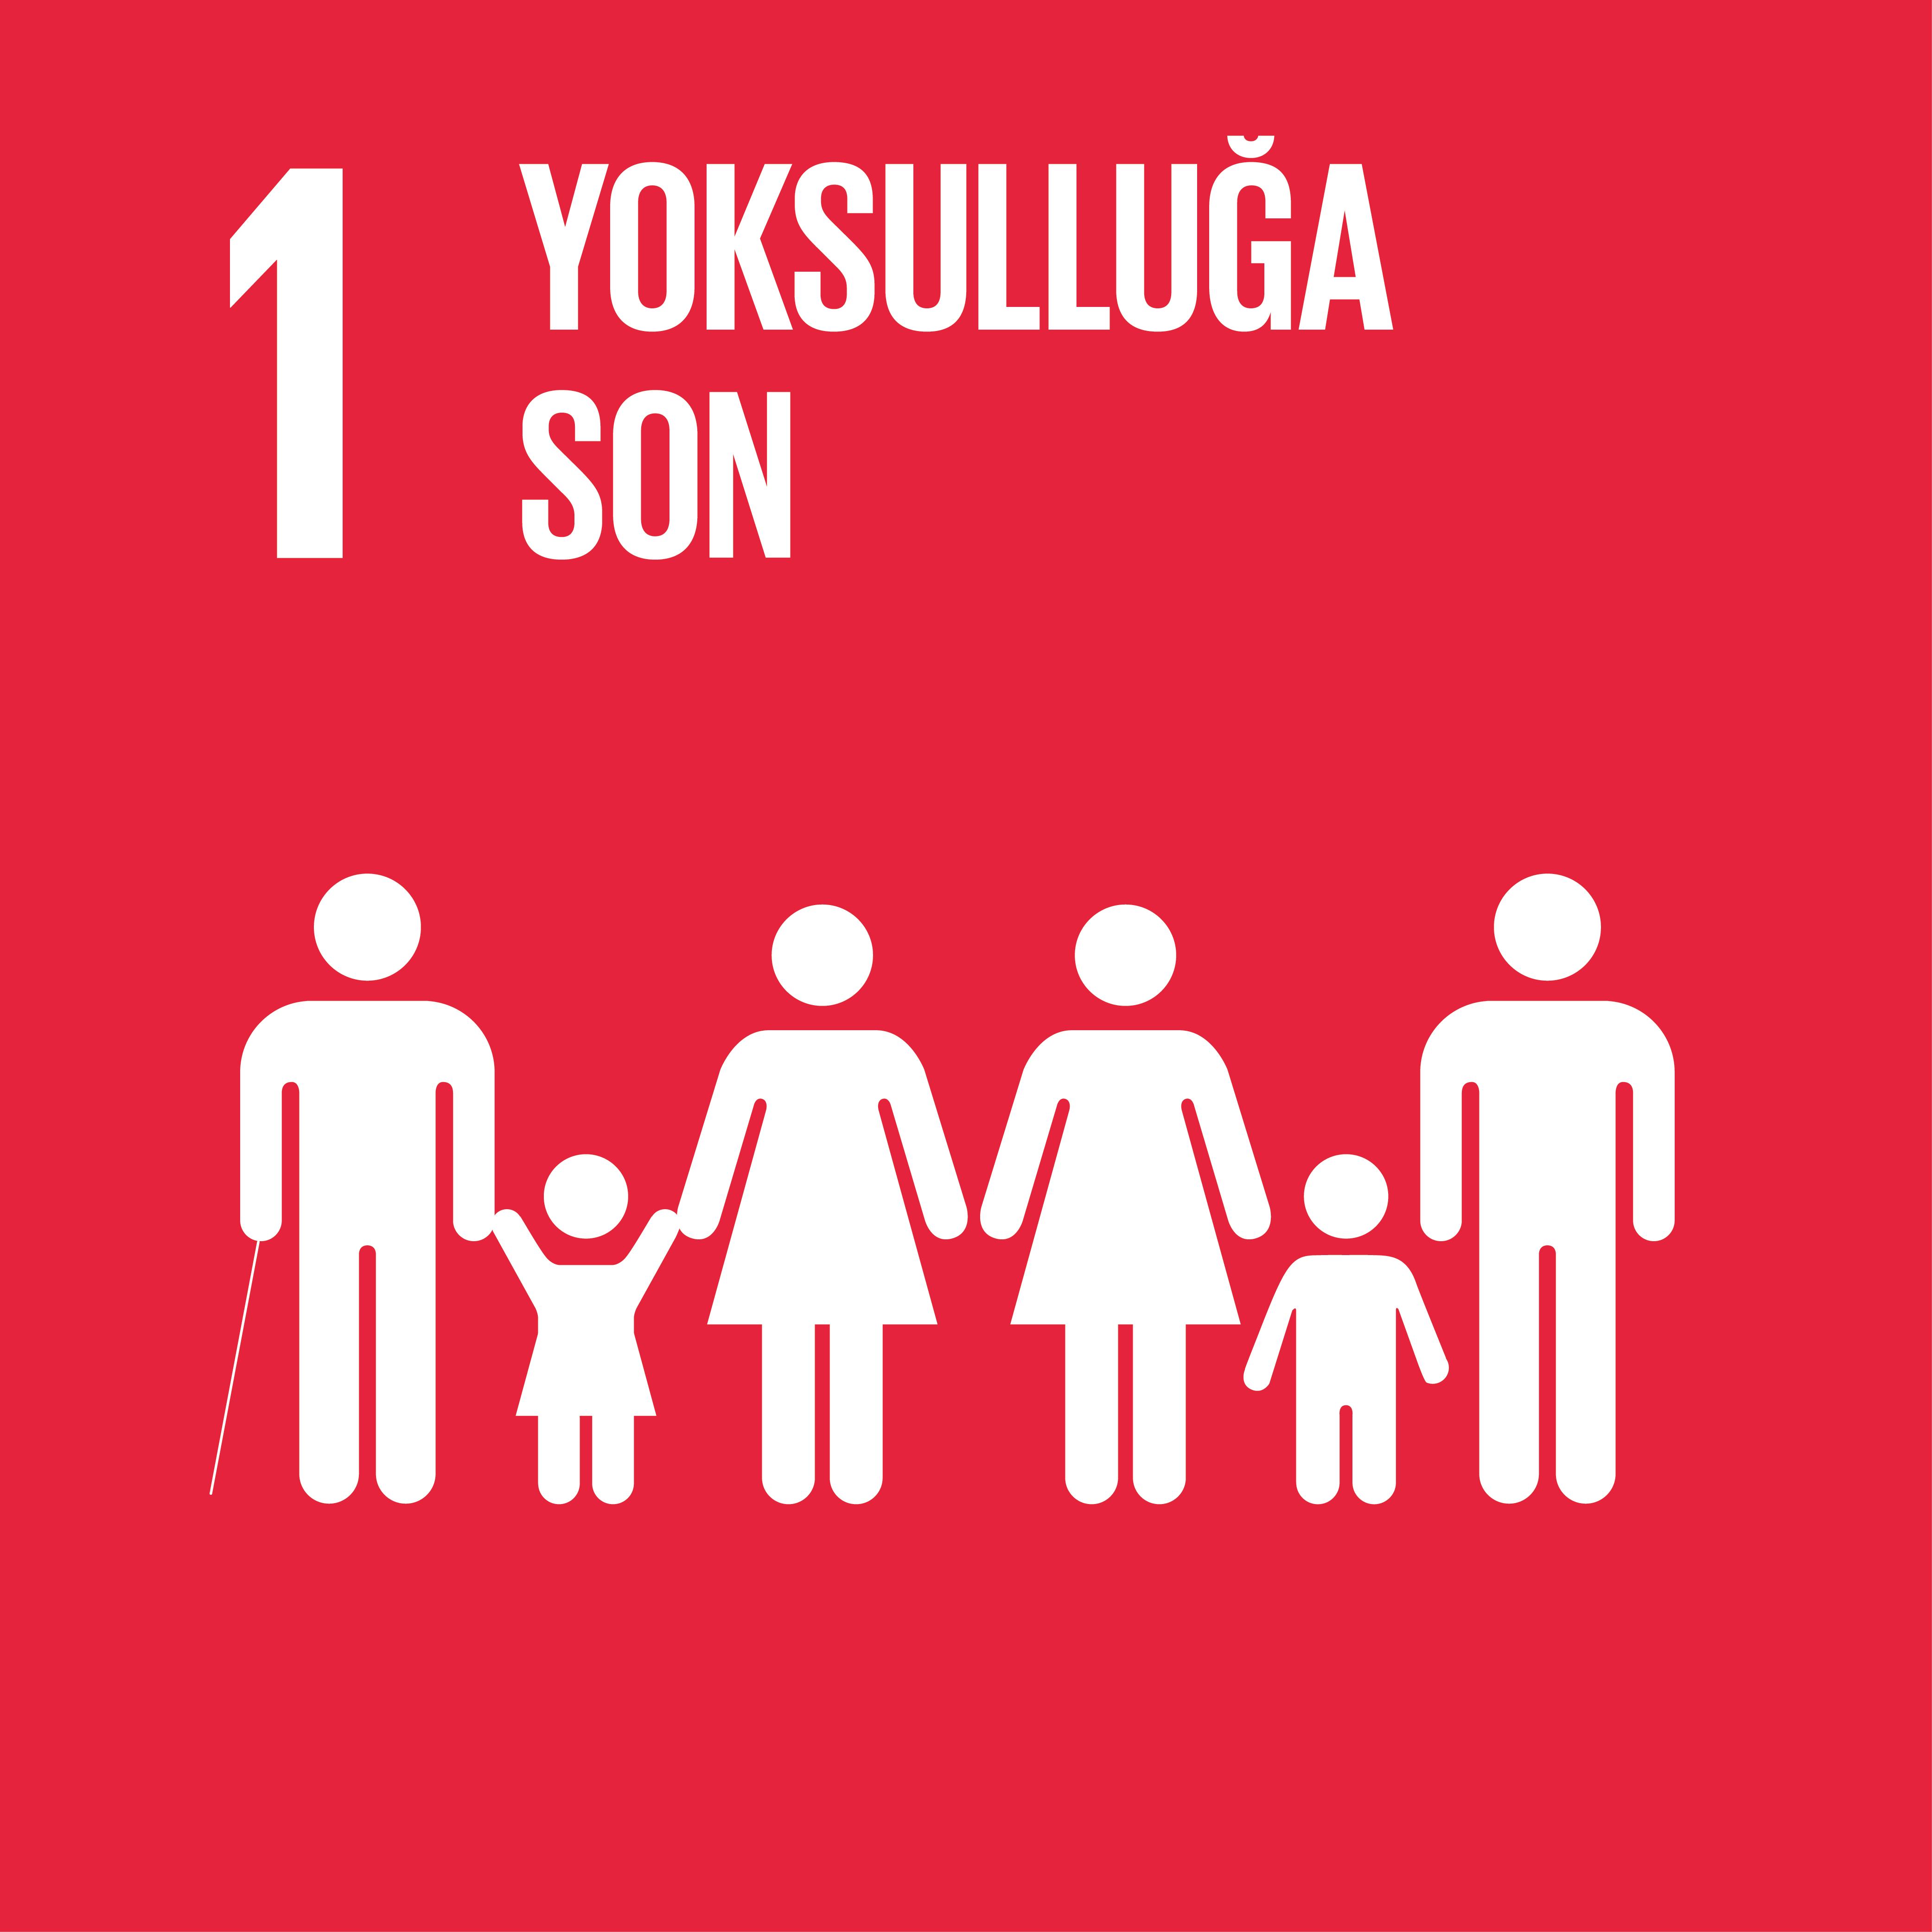 SDG 1 Sürdürülebilir Kalkınma Amacı 1 - Yoksulluğa Son